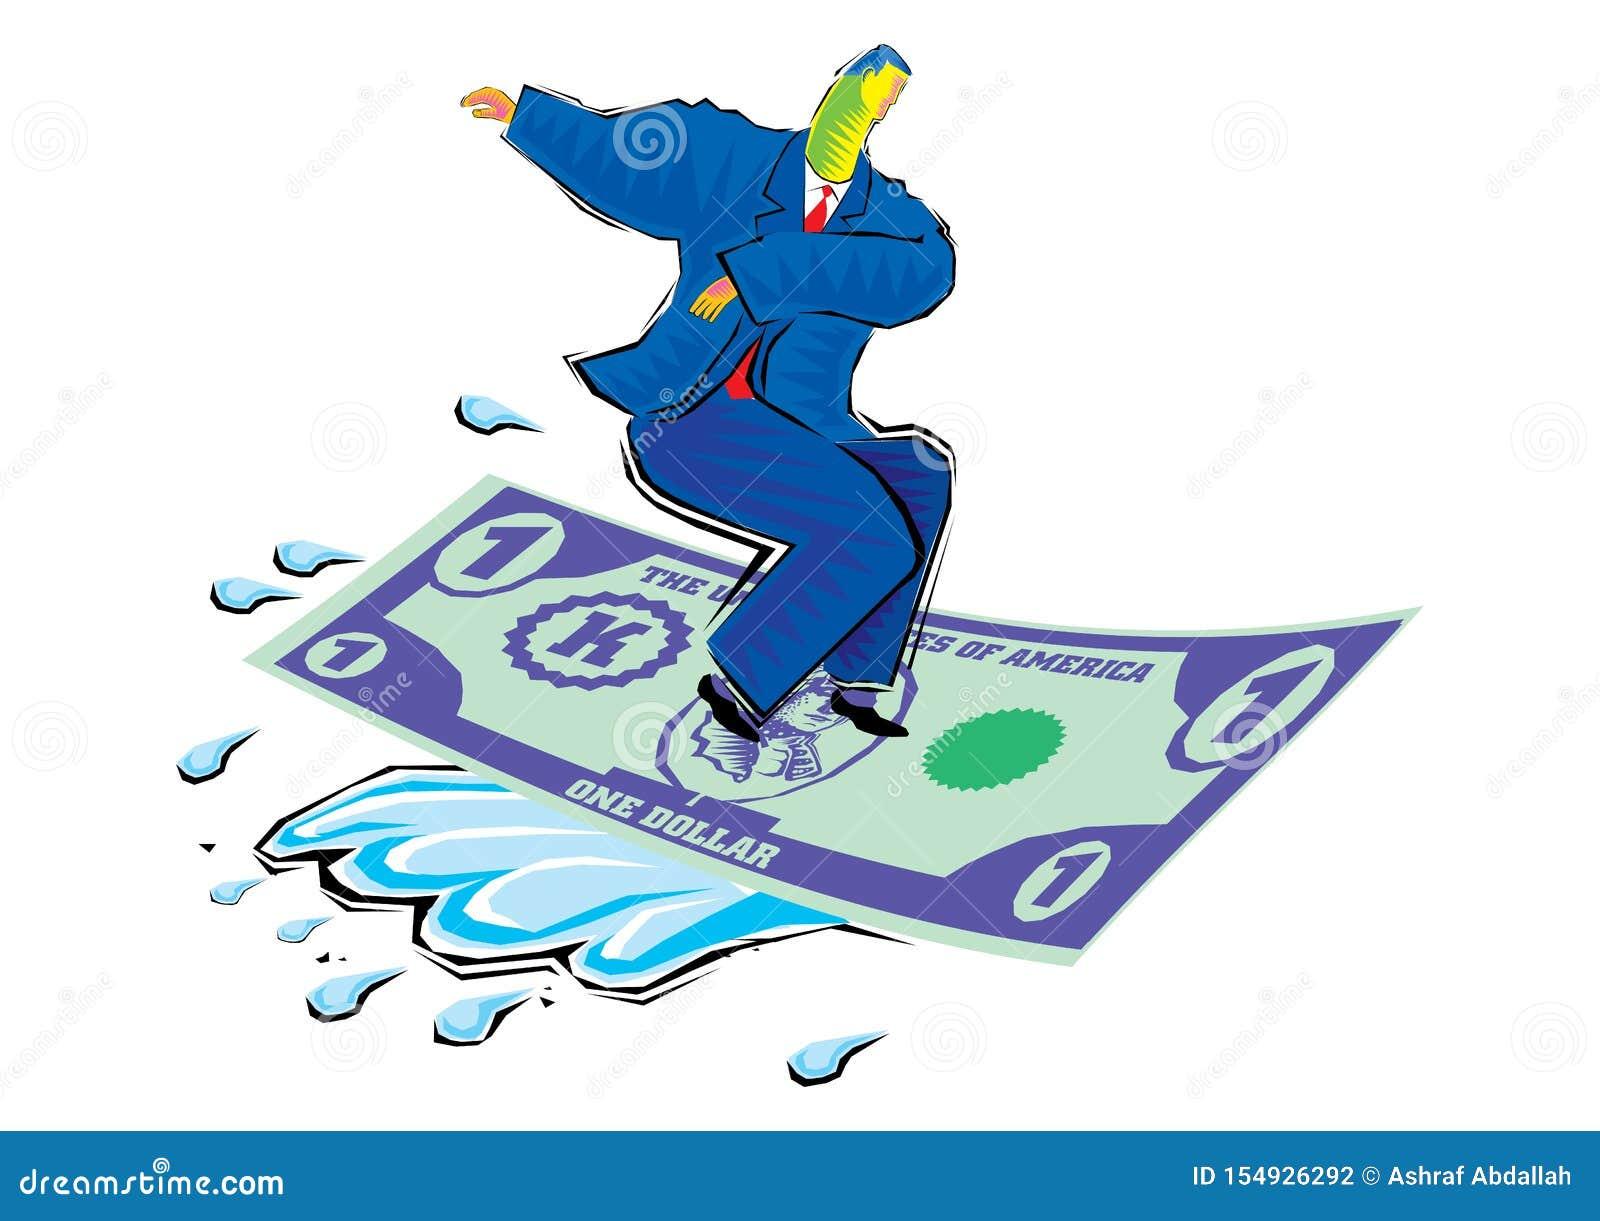 Clipart de montar a onda finical - tapete de voo do homem de negócios feito da moeda do dólar